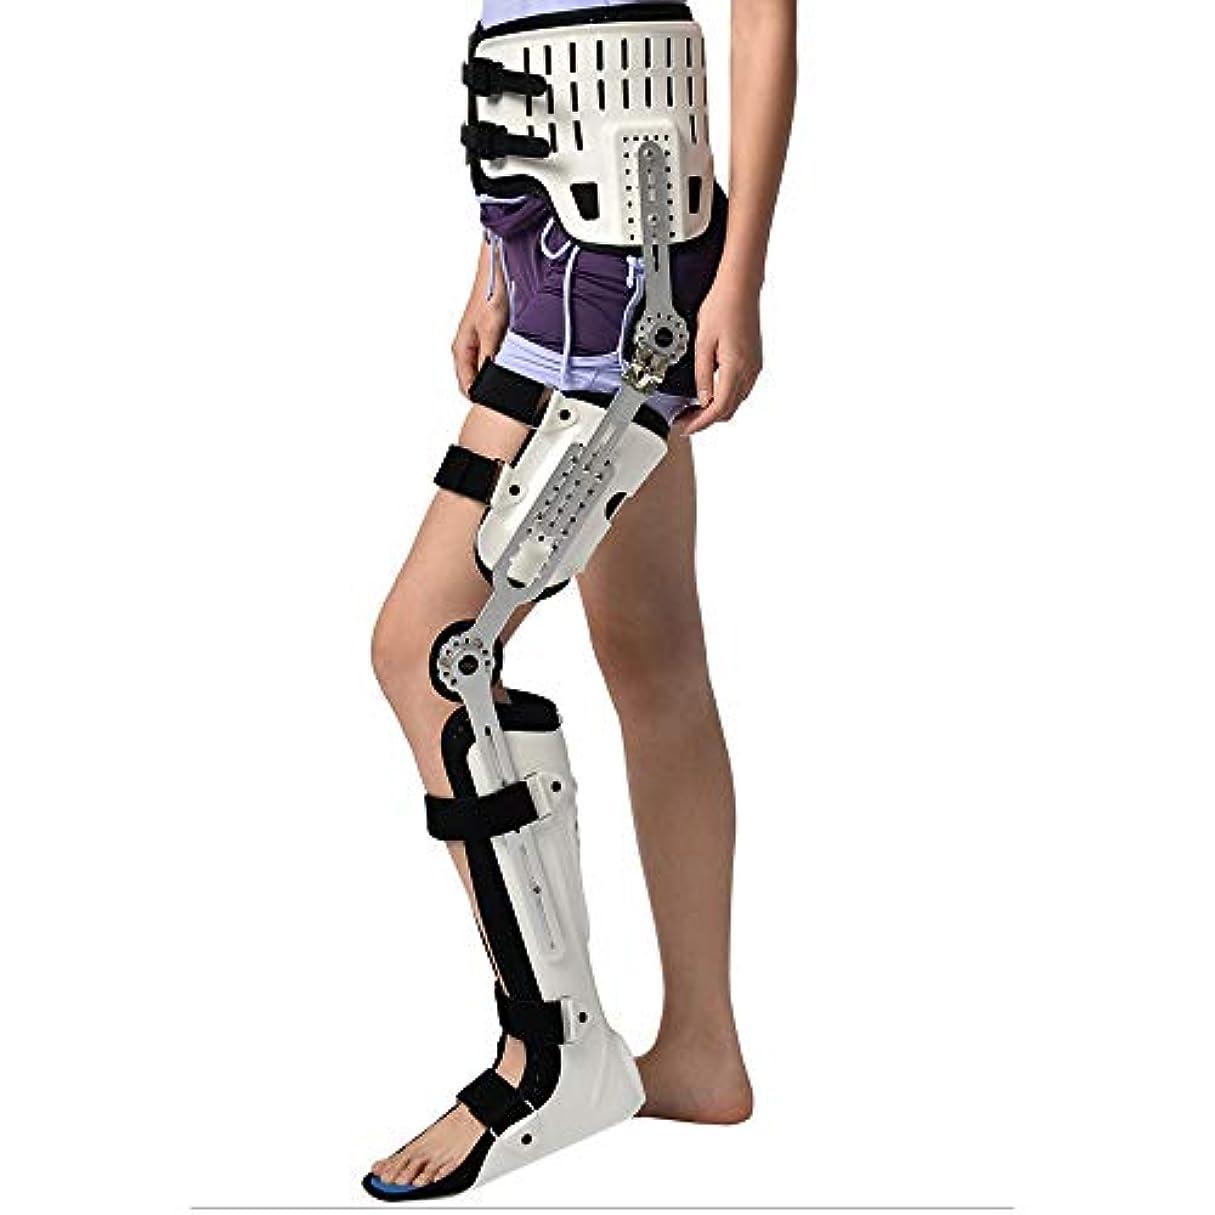 アソシエイト論文お父さん股関節外転ブレース、股関節スタビライザーコレクターサポートブレース、調節可能な太もも膝足首足装具